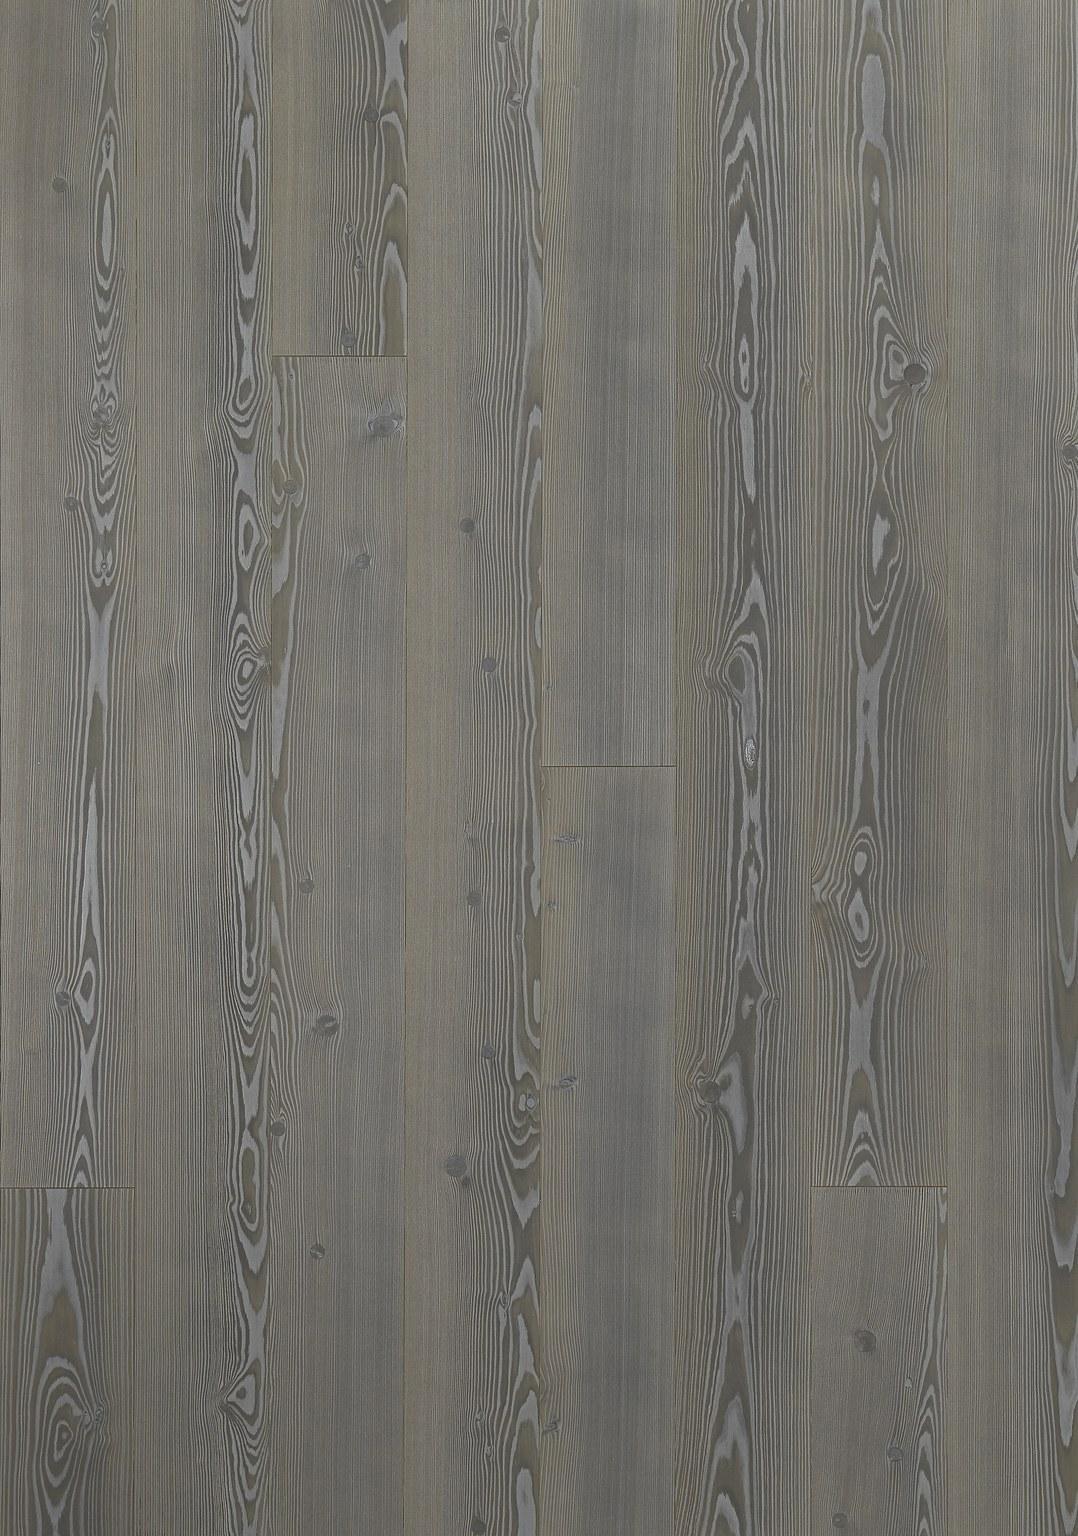 Timberwise Parketti Lankkuparketti Puulattia Wooden Floor Parquet Plank Lehtikuusi Natural Linen 2D1